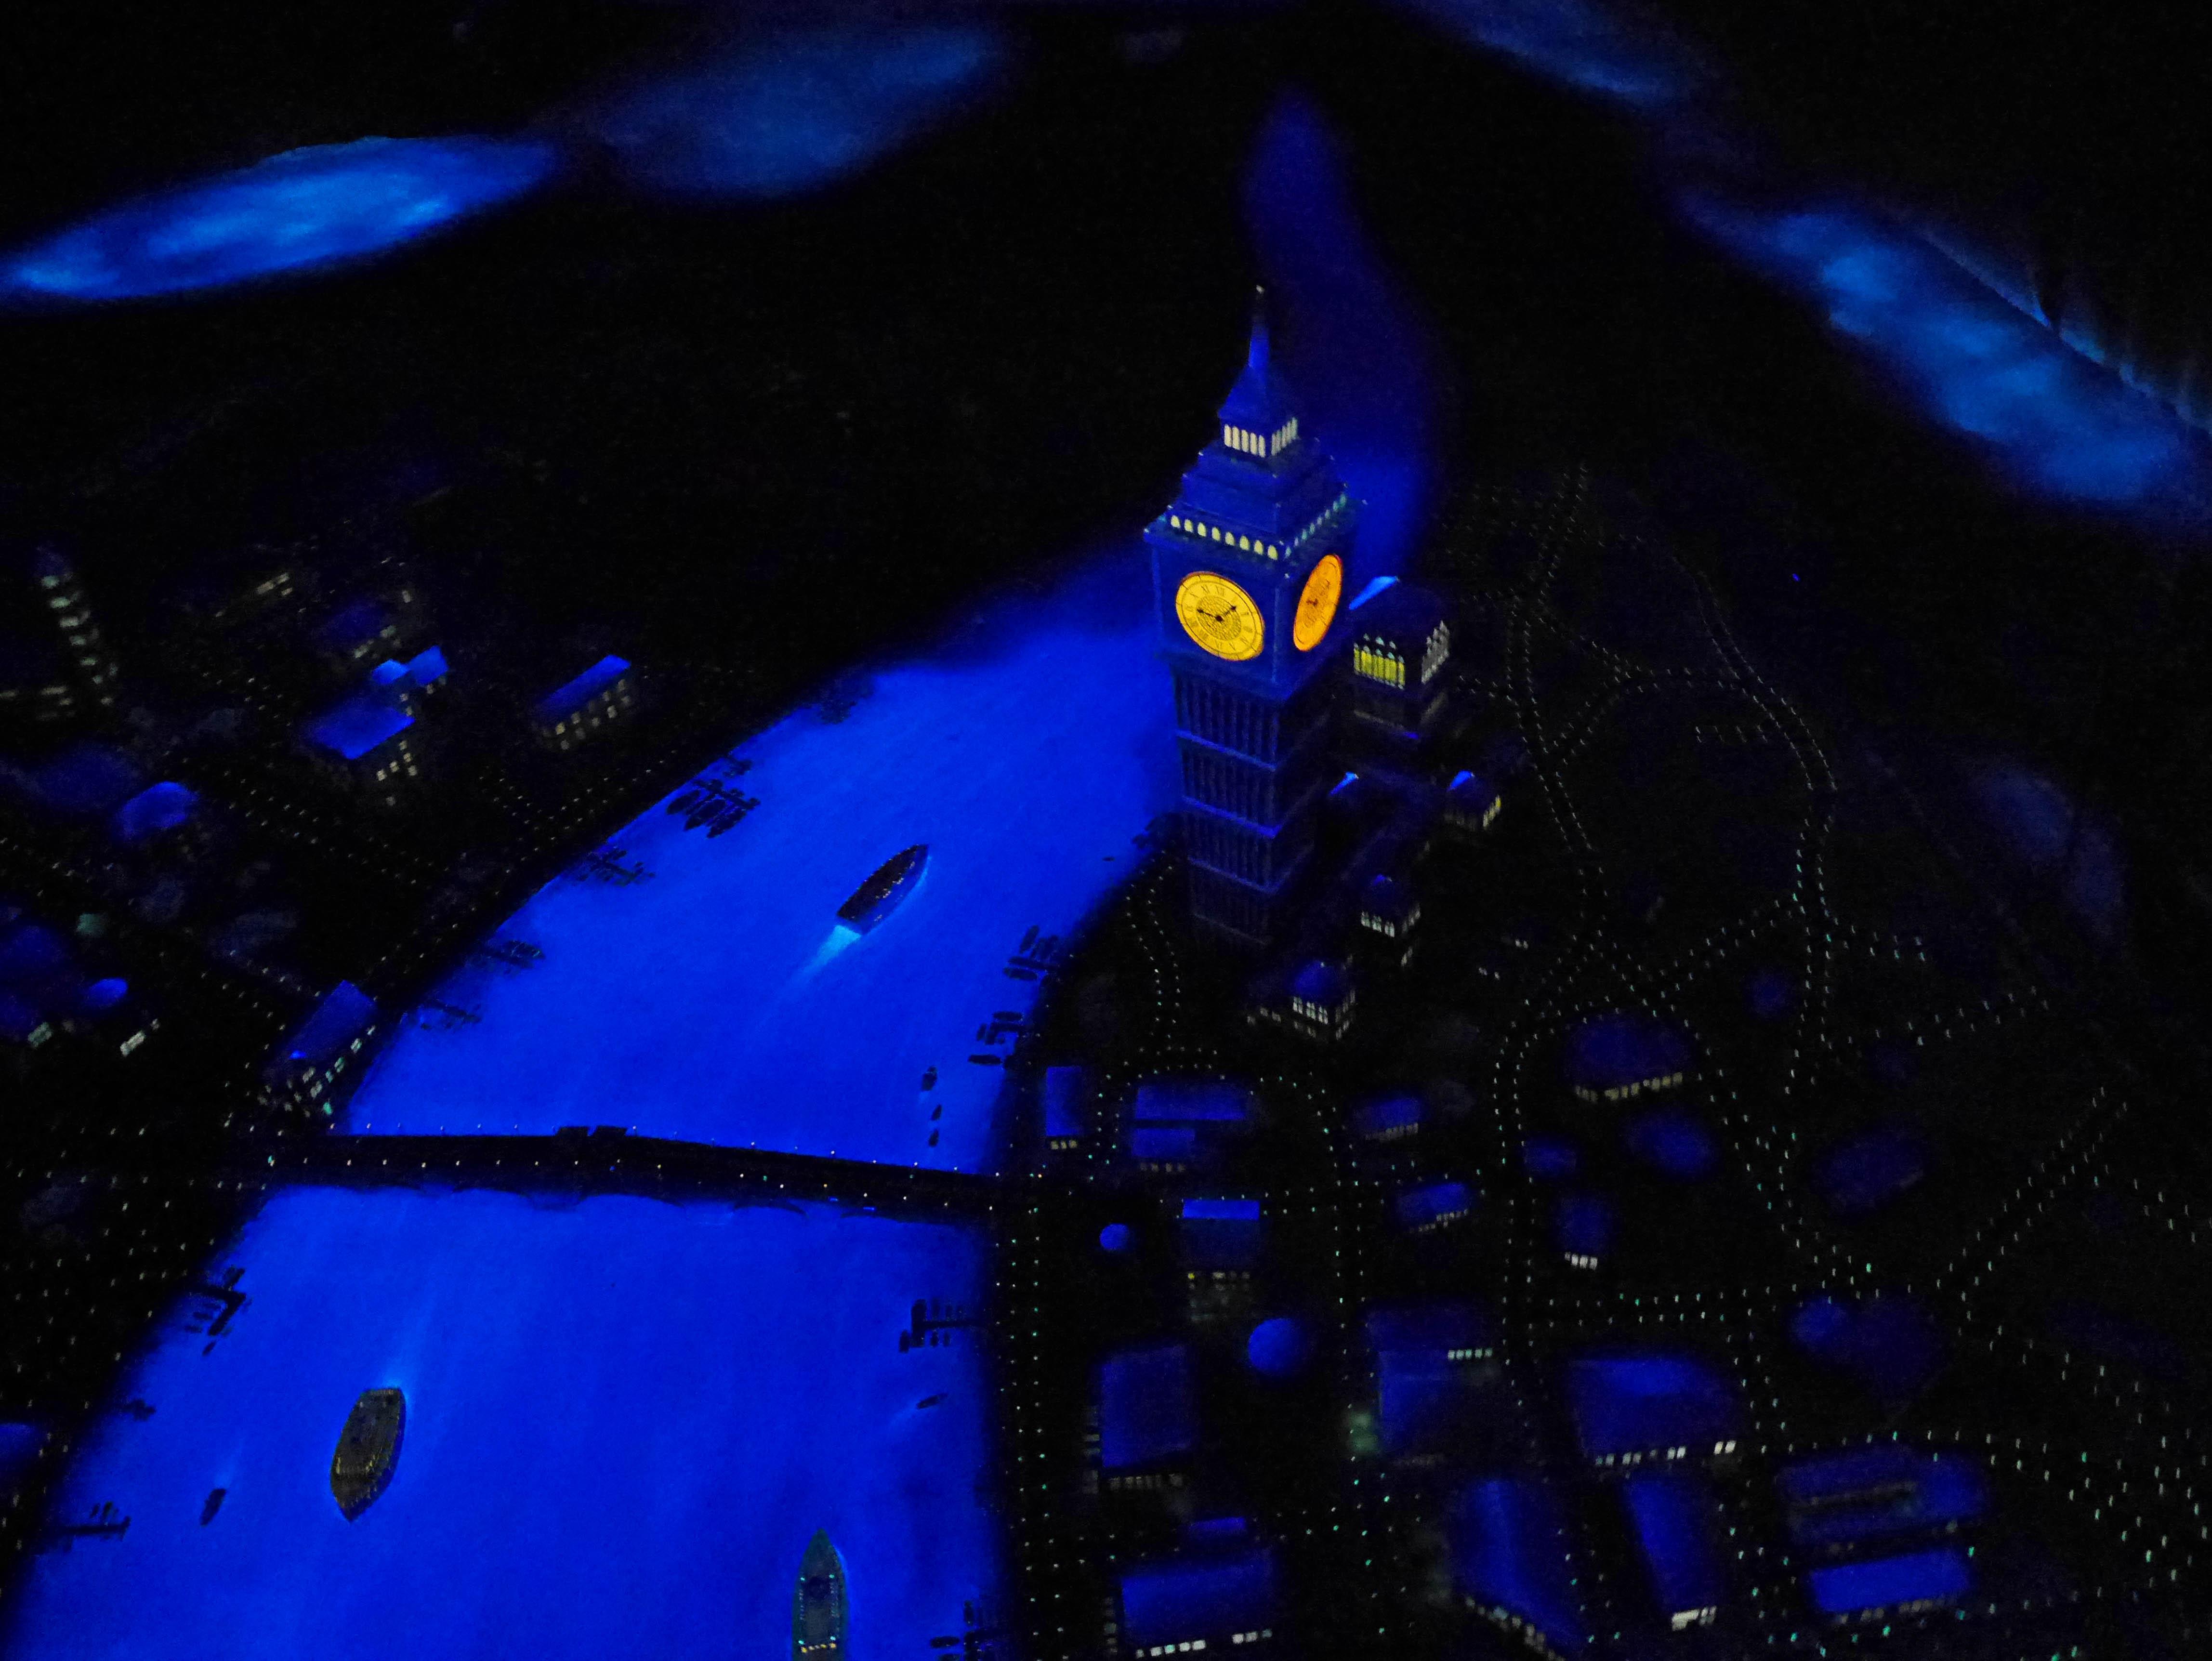 Une lune de miel à Orlando, septembre/octobre 2015 [WDW - Universal Resort - Seaworld Resort] - Page 5 440577P1020432